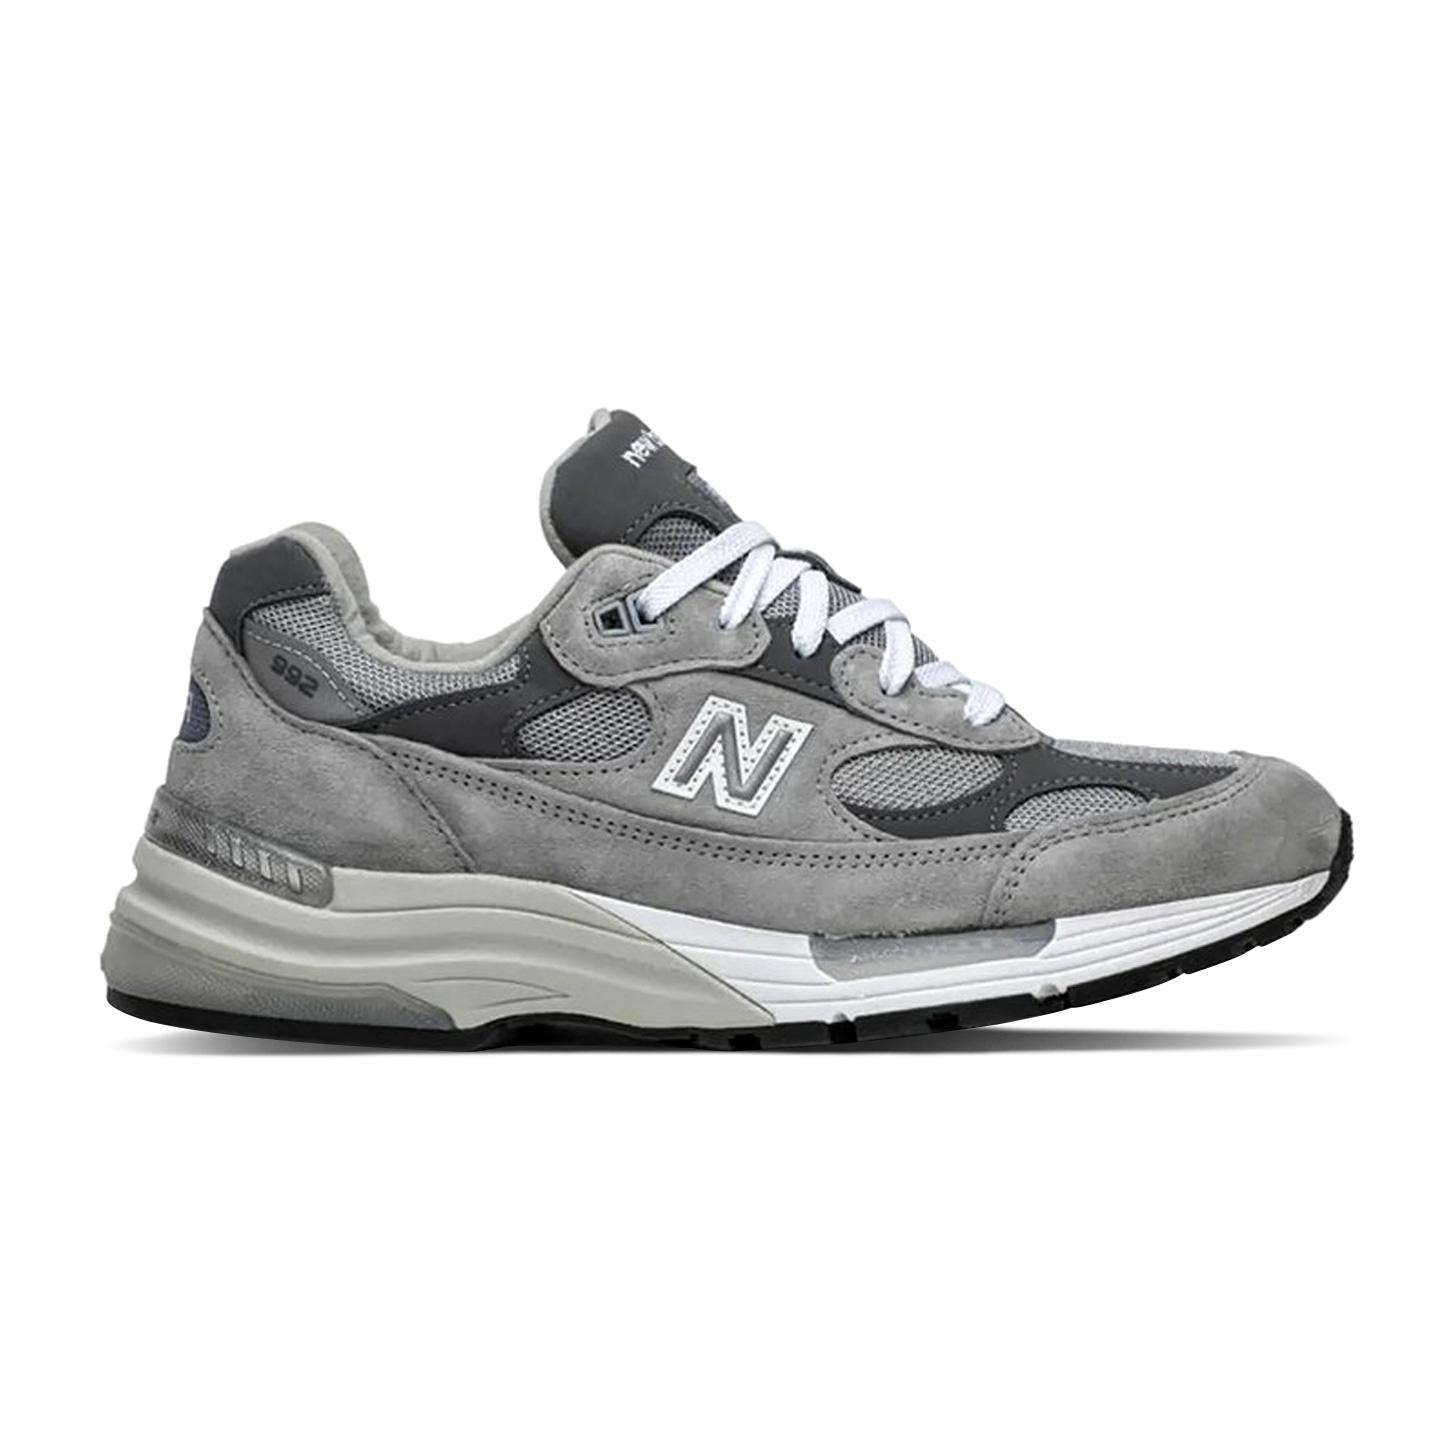 992 Grey 2020